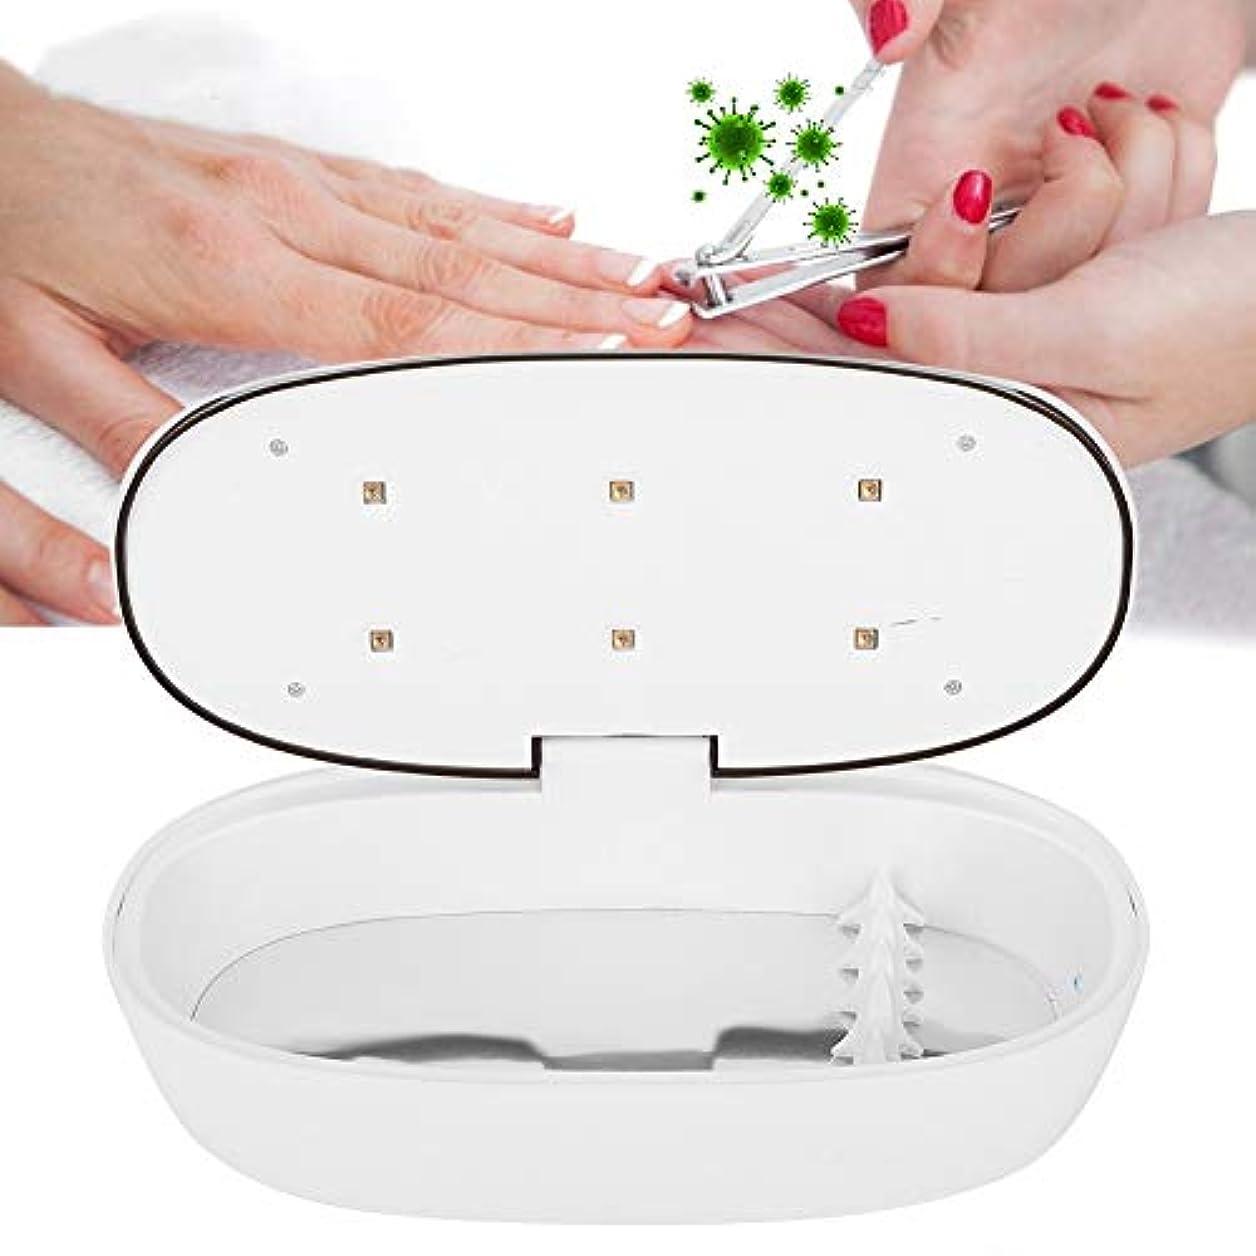 インテリジェント消毒ボックスネイルツールメイクブラシ滅菌器紫外線消毒ボックス高効率消毒ツール(6LED-02)